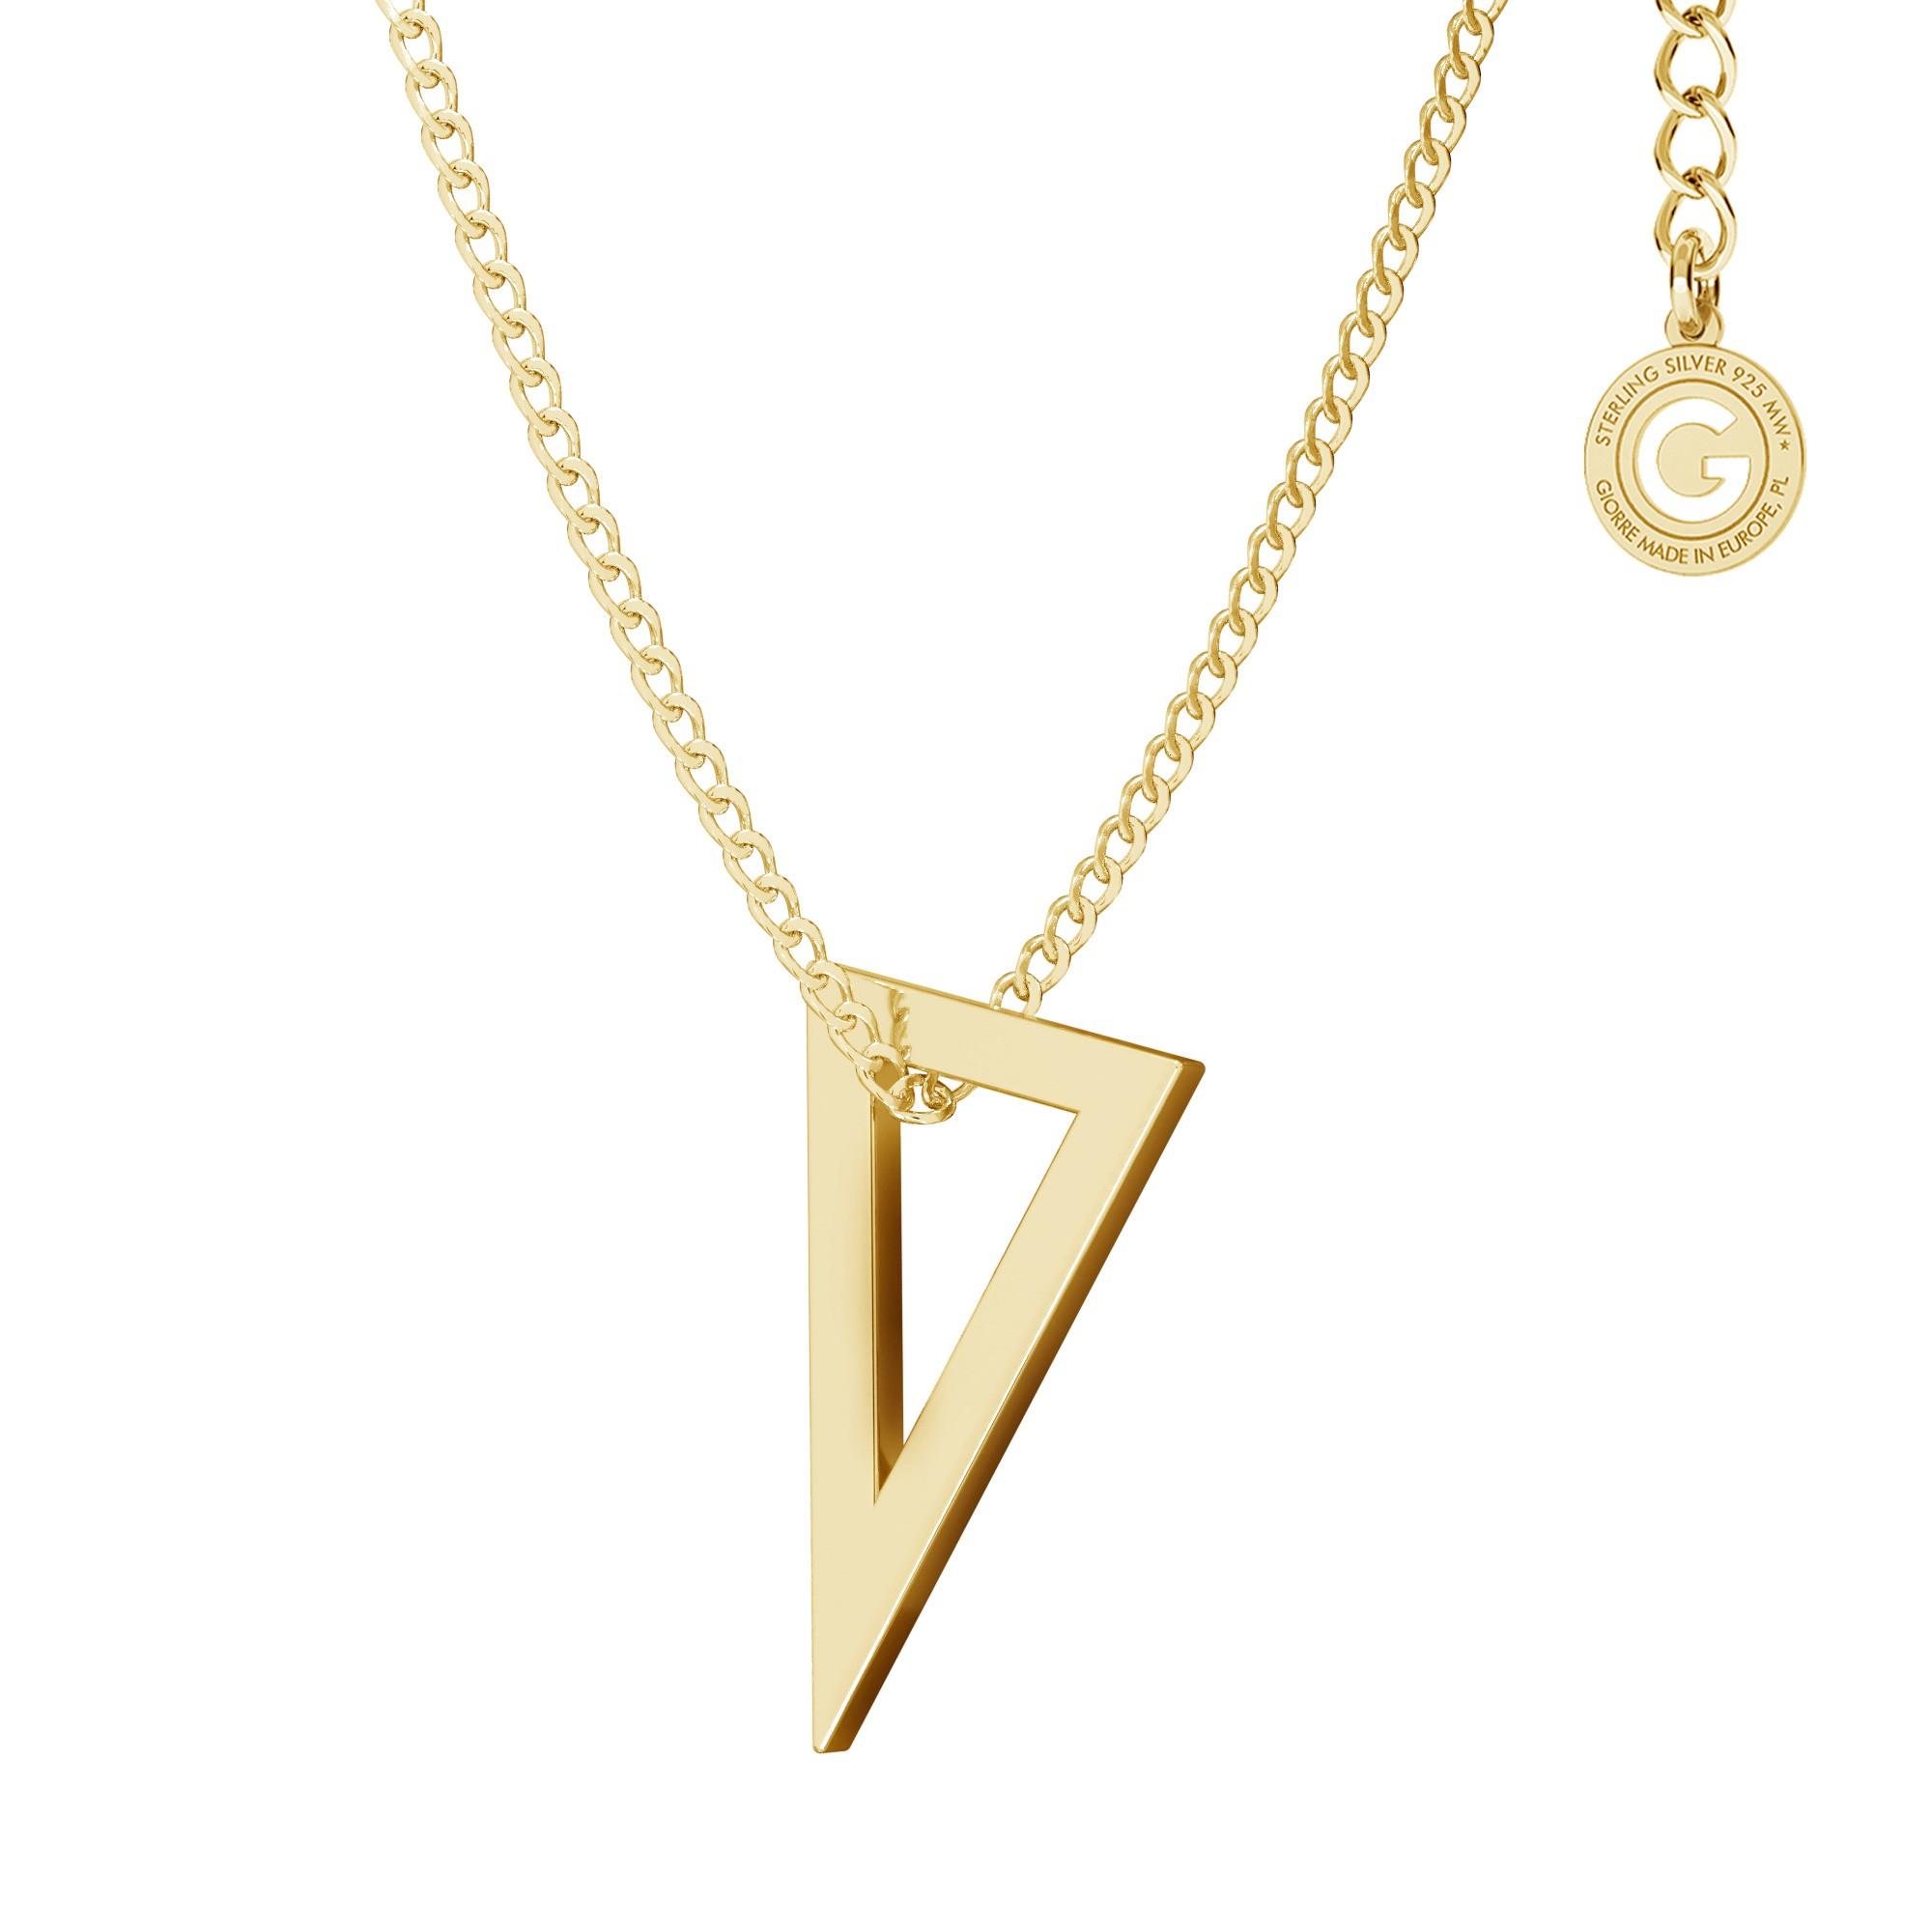 Naszyjnik figura geometryczna trójkąt, srebro 925